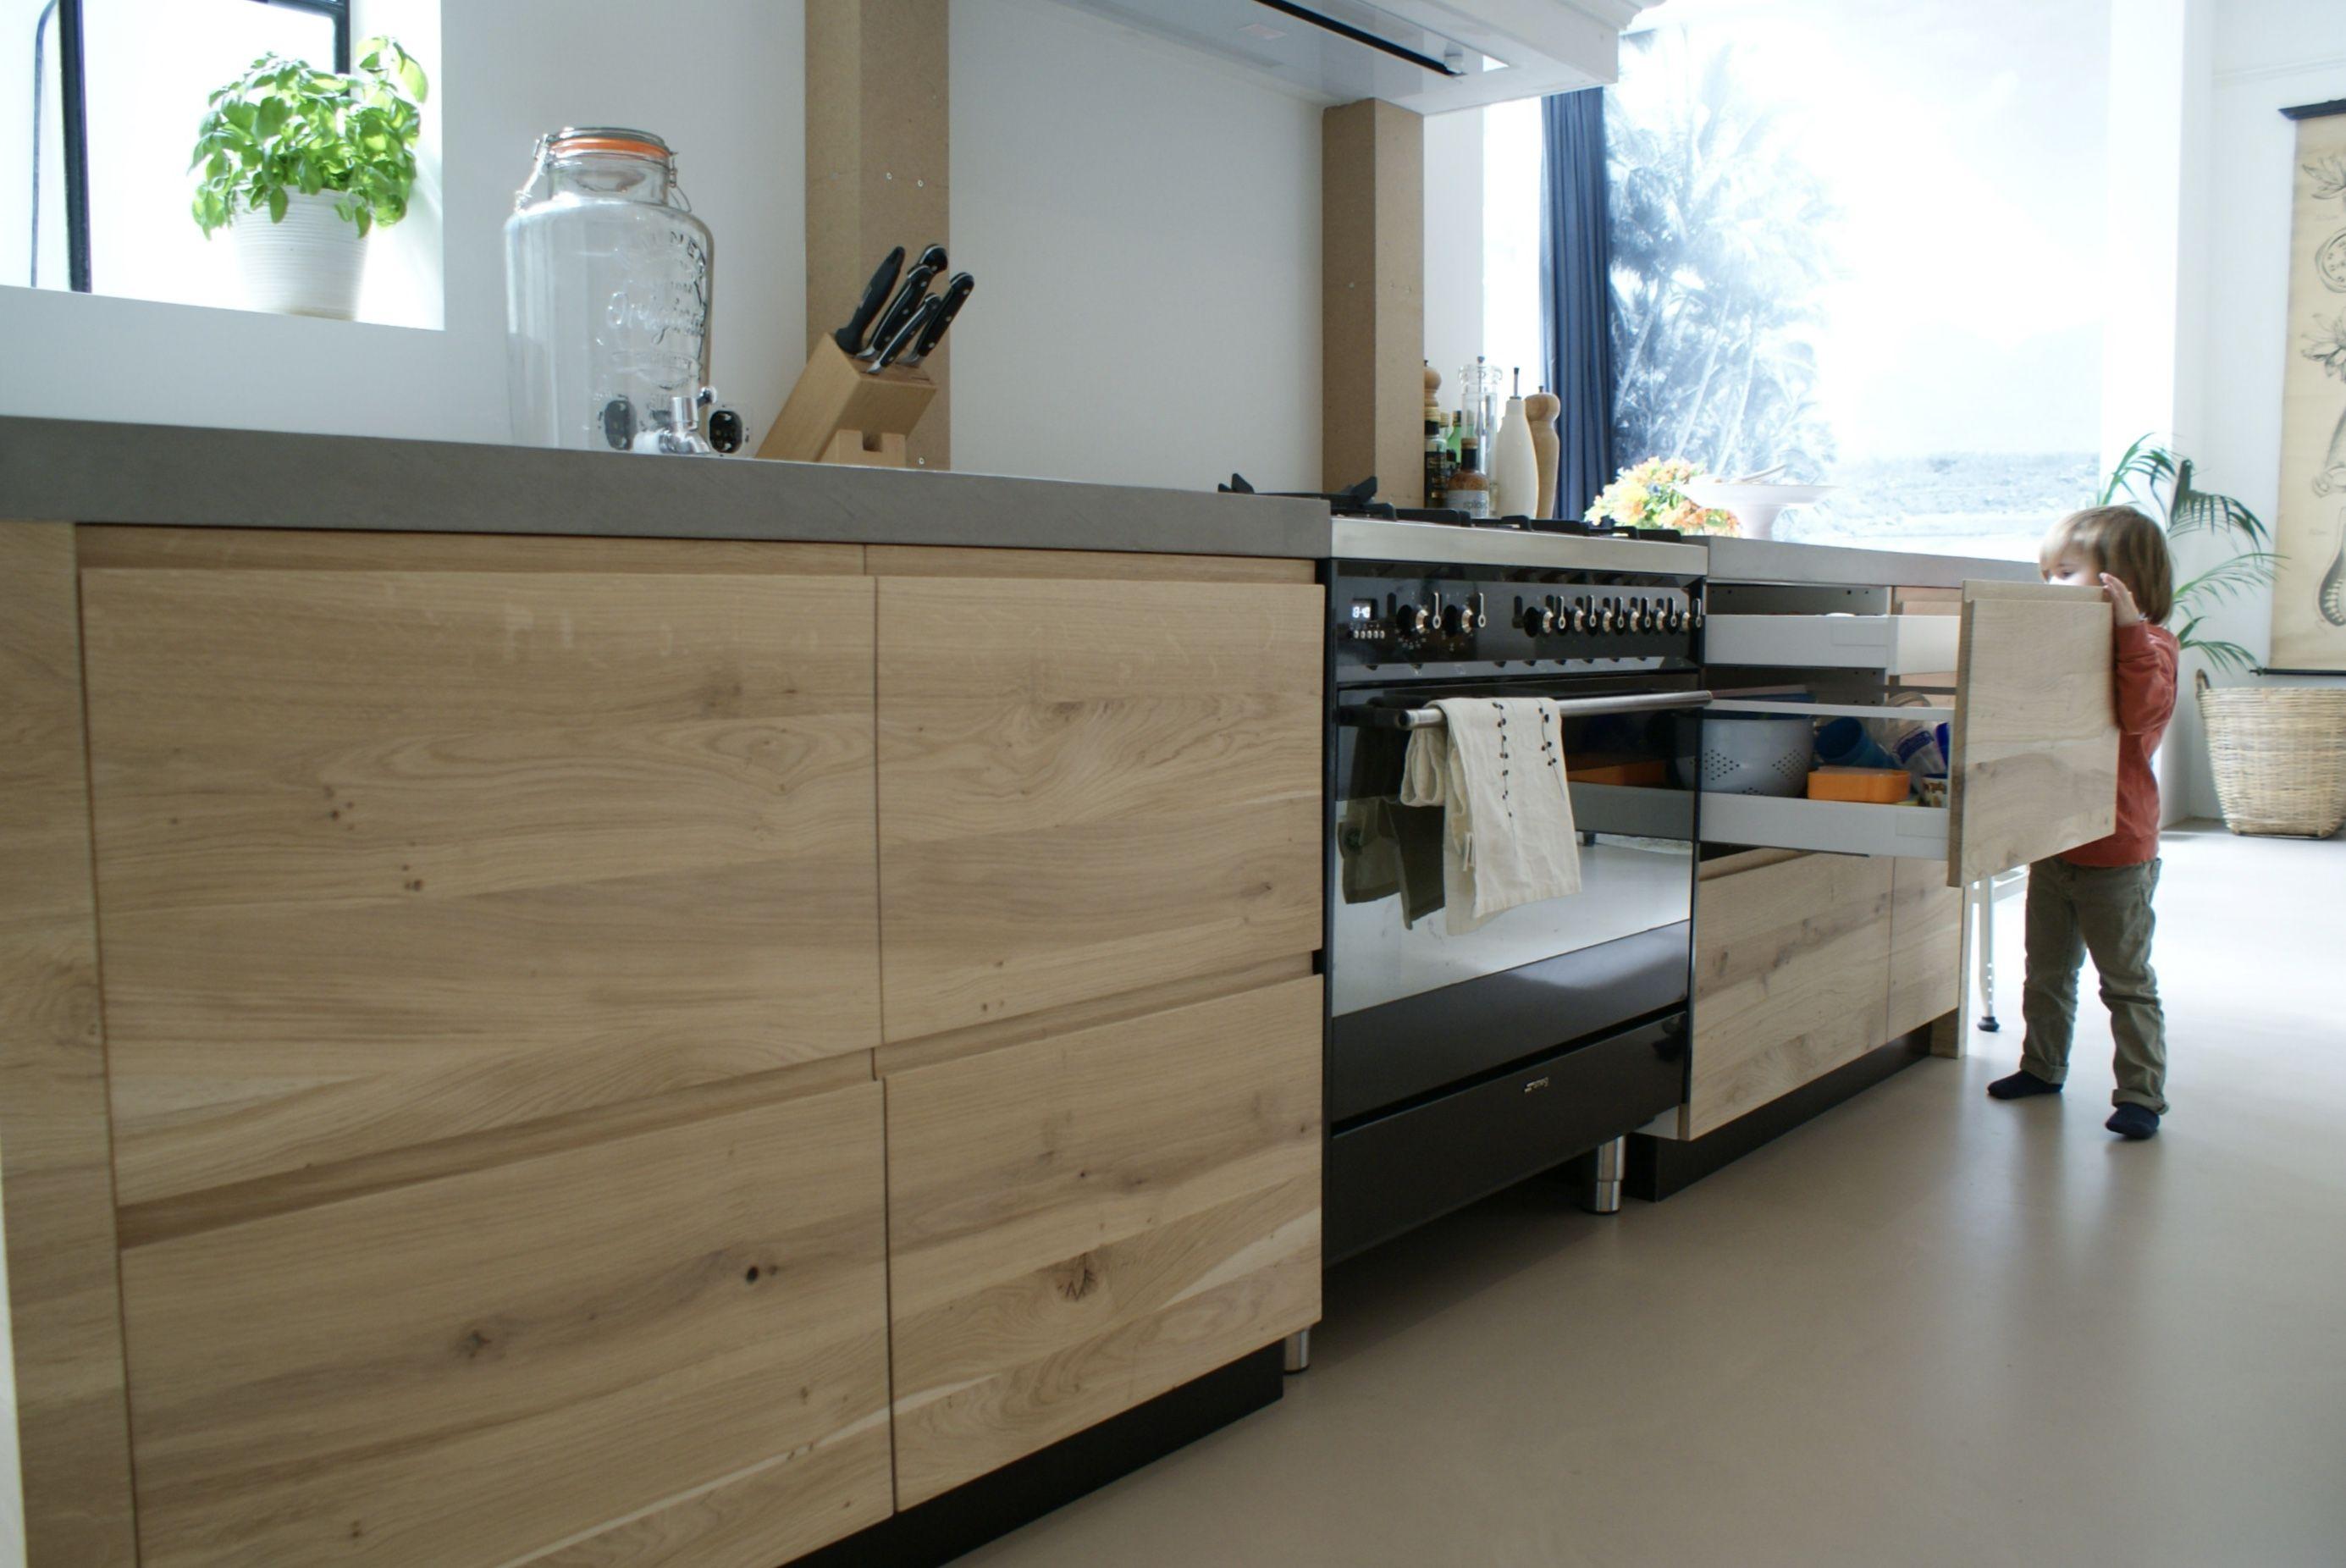 Ikea keuken karkas aangekleed door frontz massief for Keuken samenstellen ikea